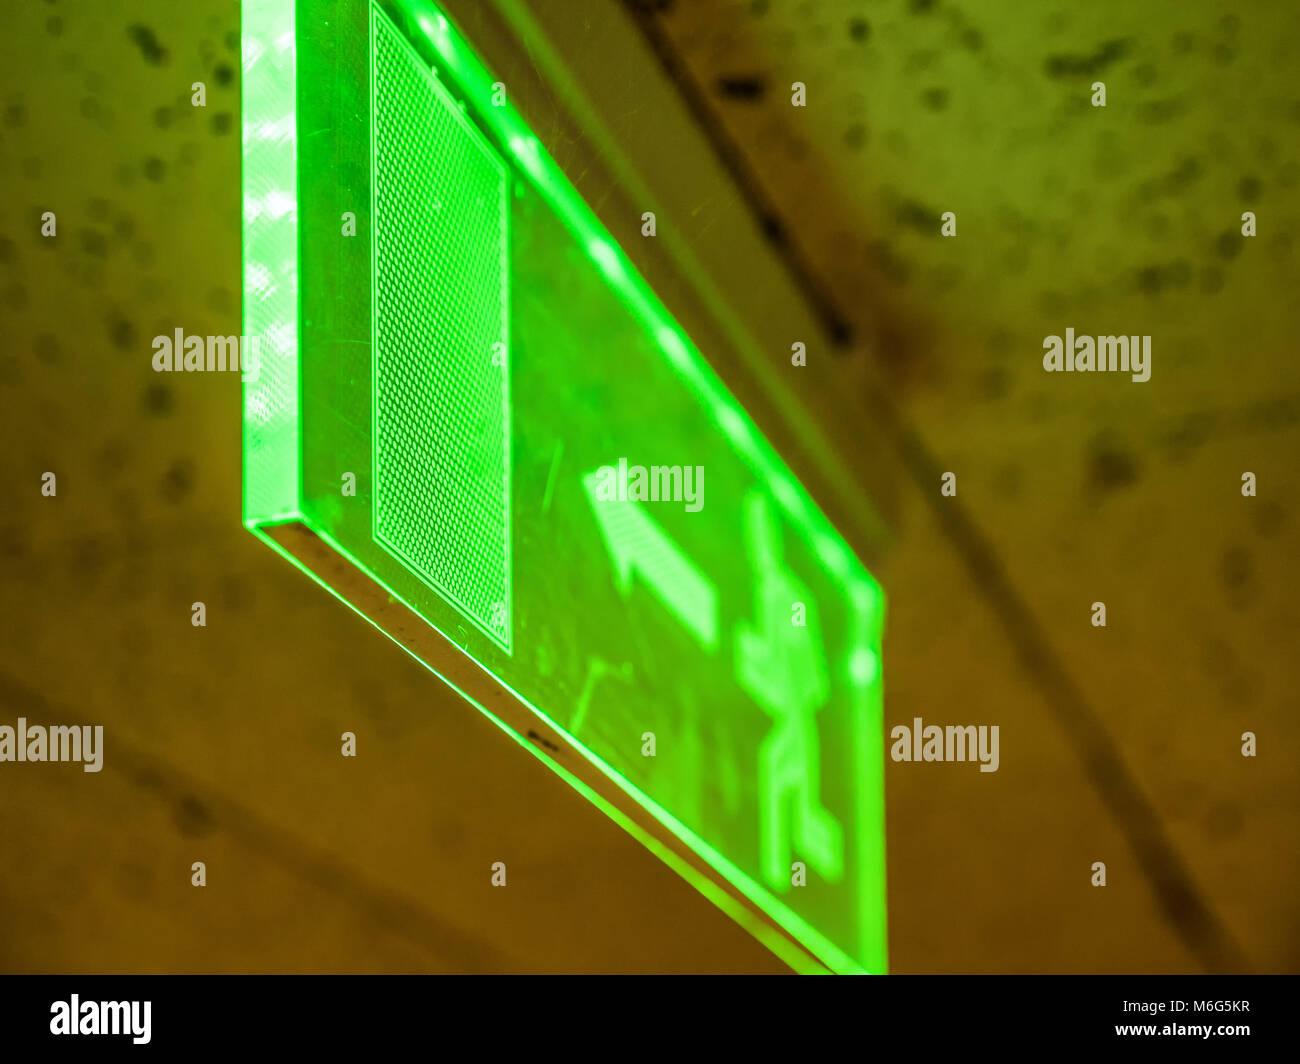 Vista interna di emergenza verde fire exit segno sul soffitto. Immagini Stock